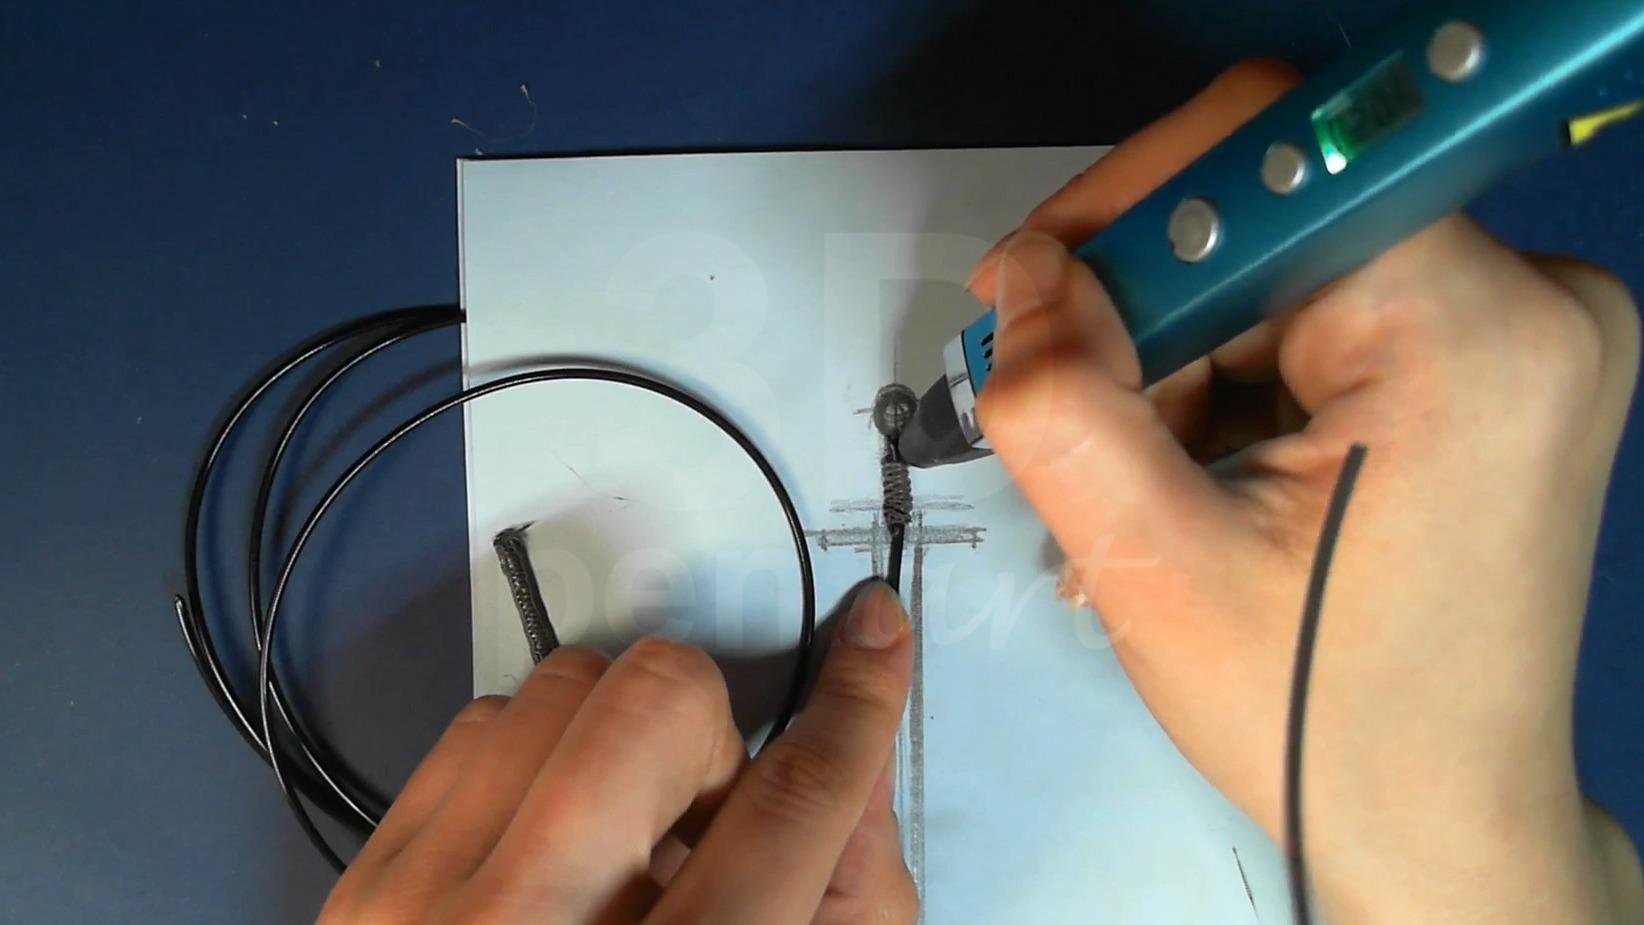 Ведьмак 3D ручкой. Делаем рукоятку